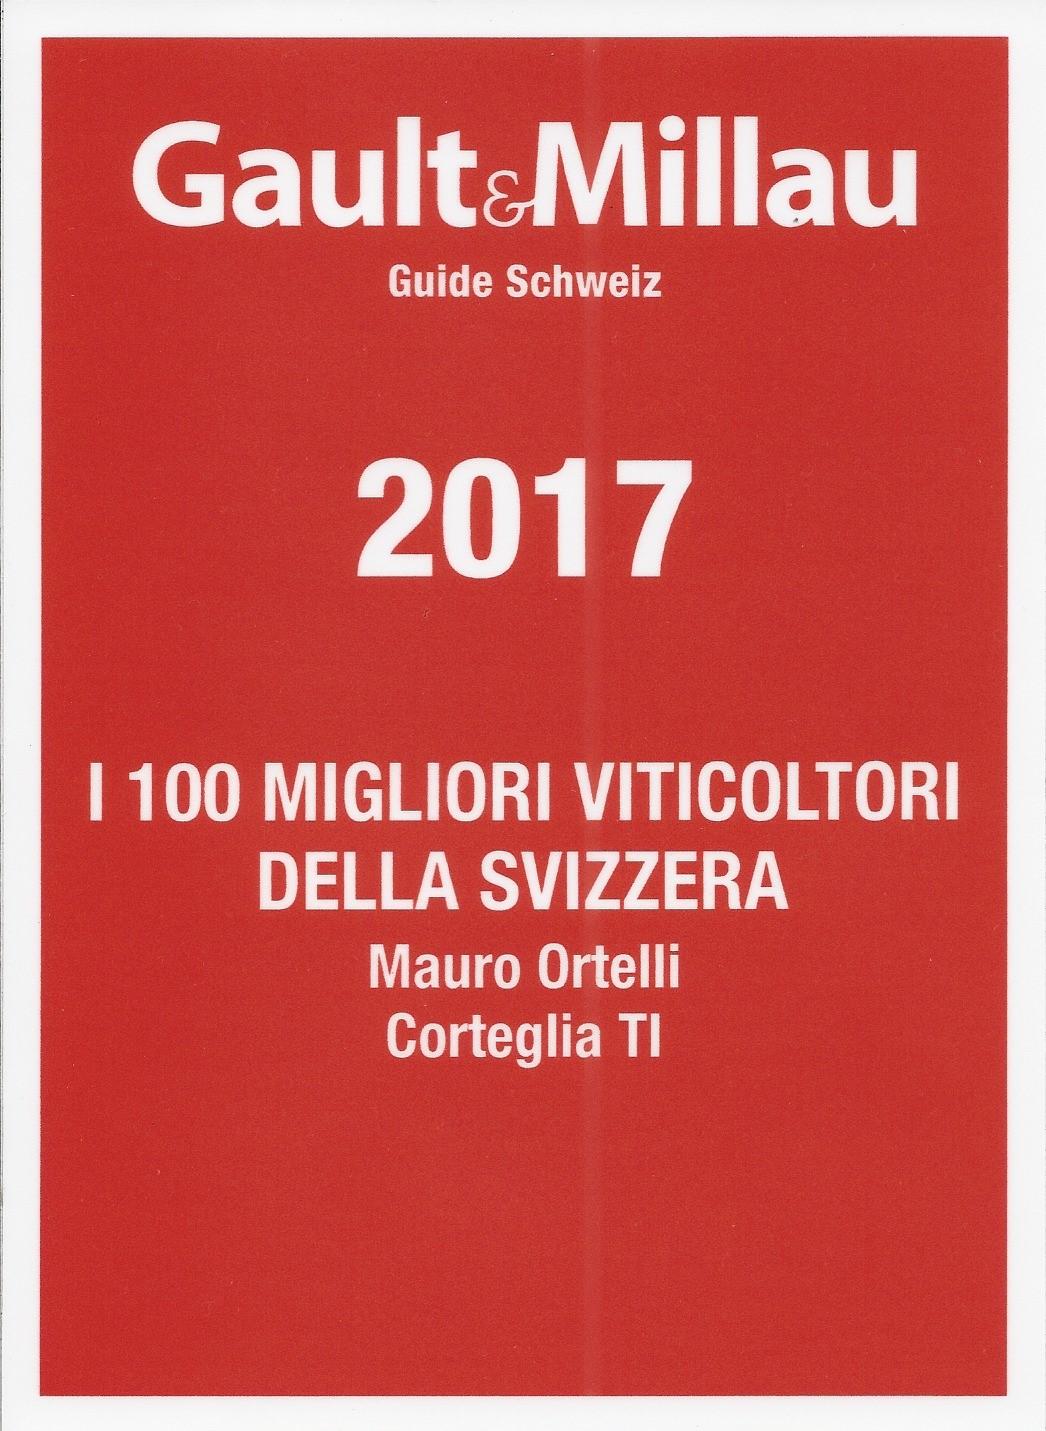 Gault&Millau2017